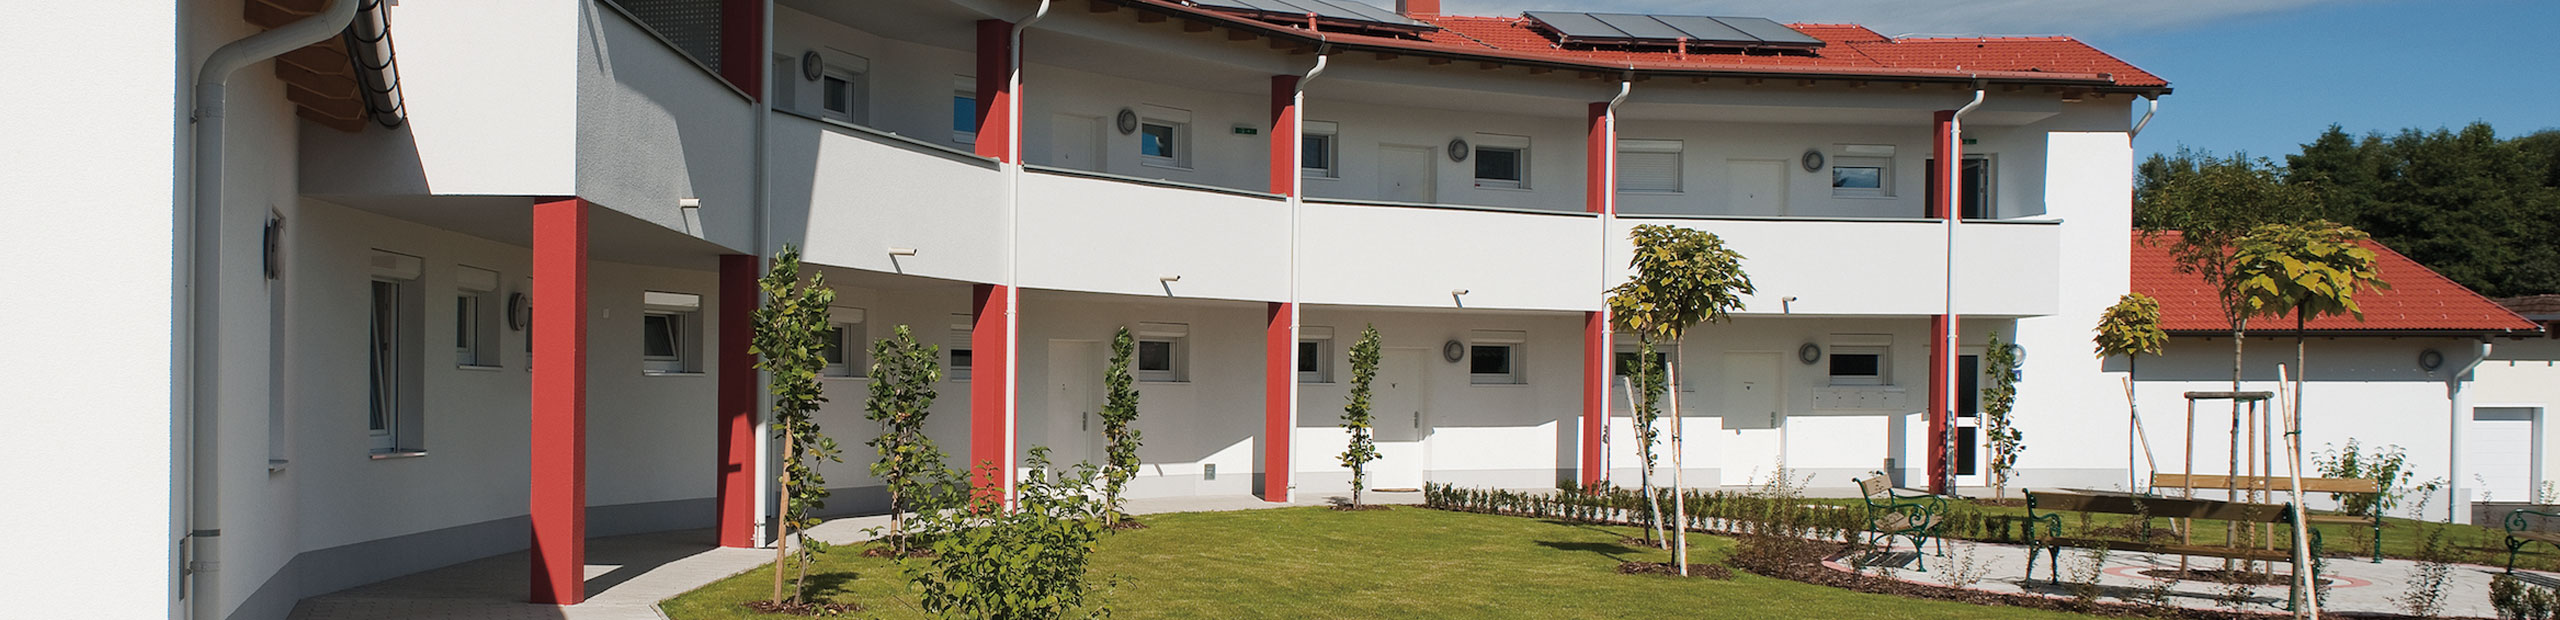 Wohnhausanlage von OSG